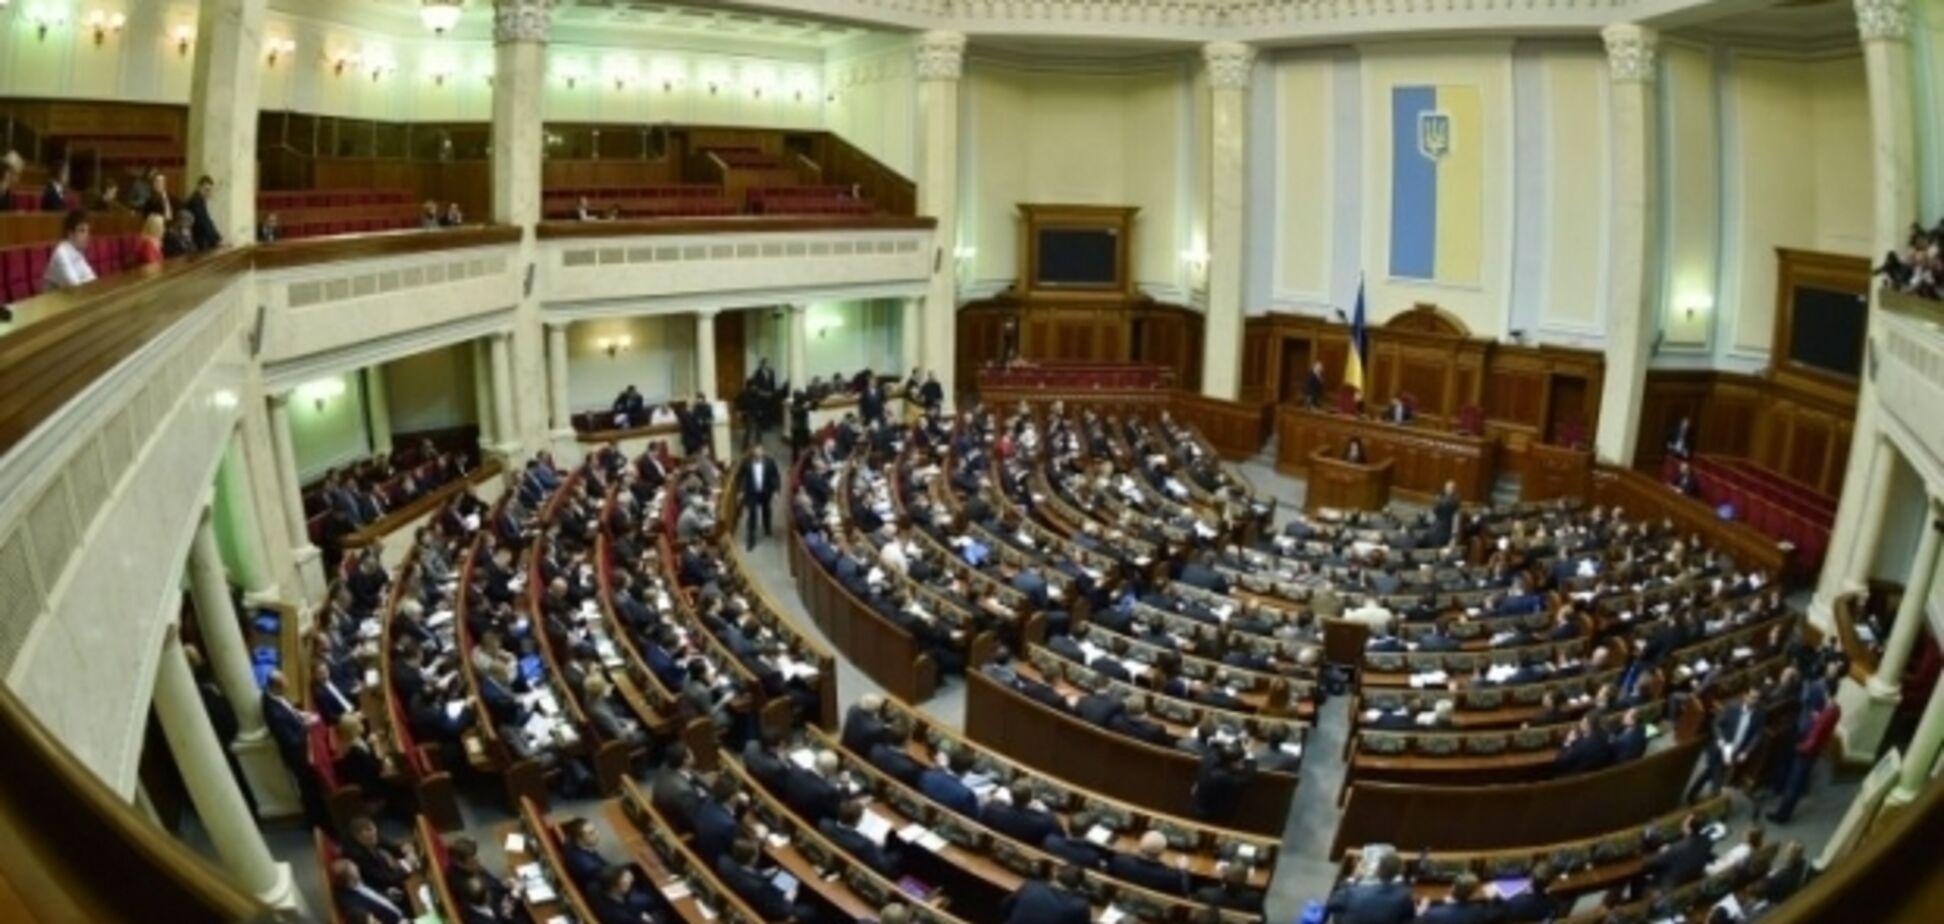 У залі Верховної Ради знайшли несподіваний предмет: опубліковано фото